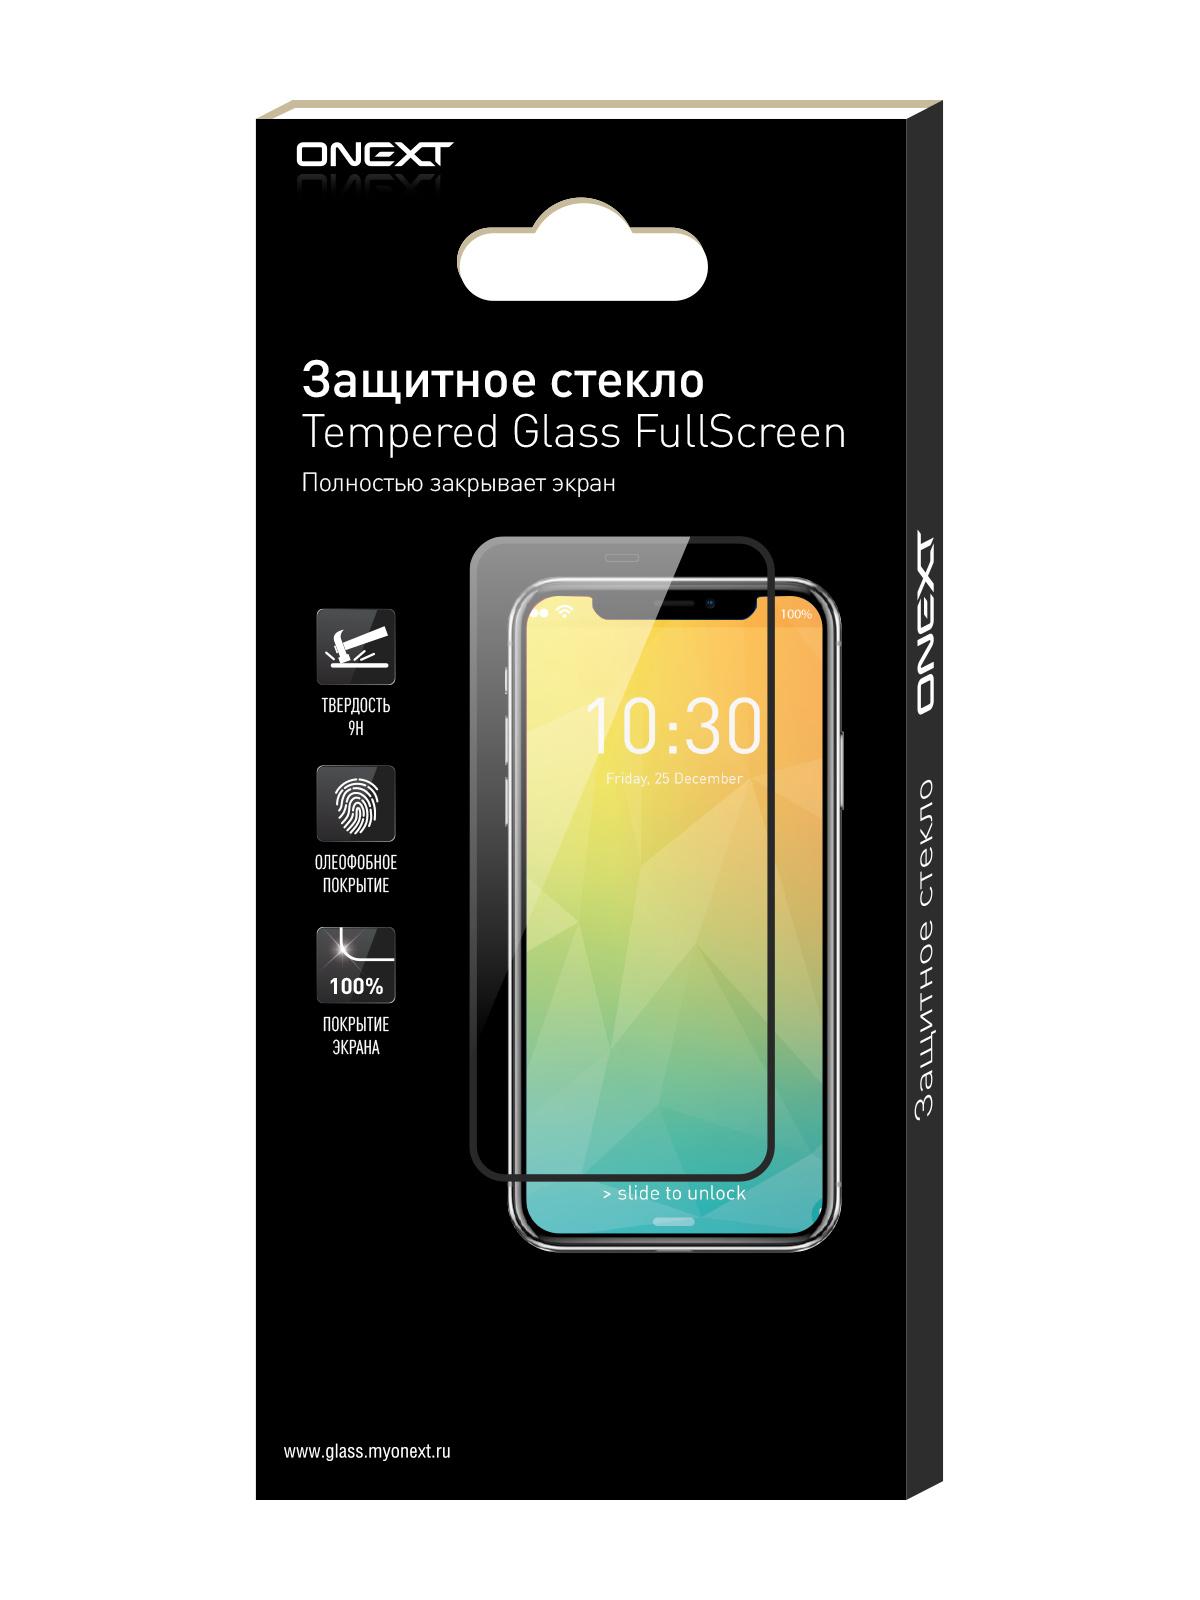 Защитное стекло ONEXT для Xiaomi Mi 8 Pro Black